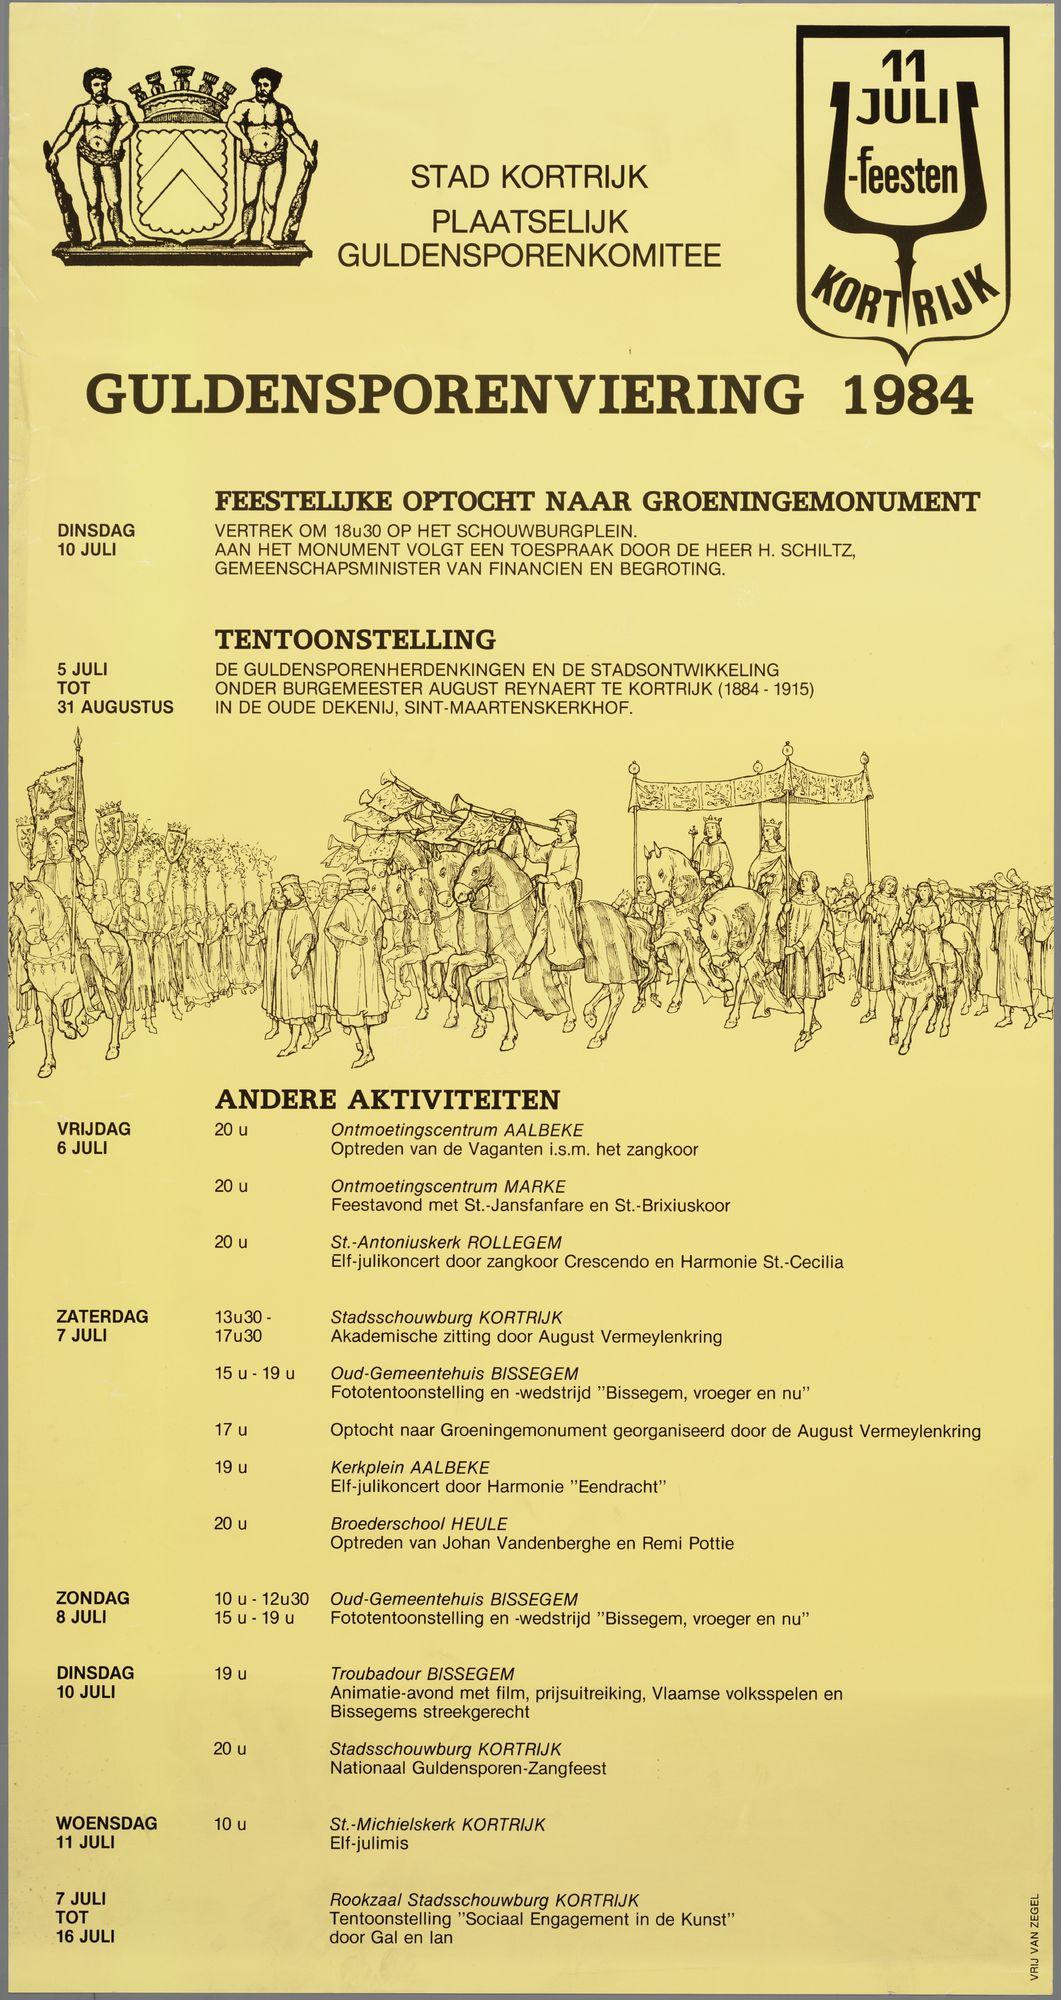 Guldensporenviering 1984